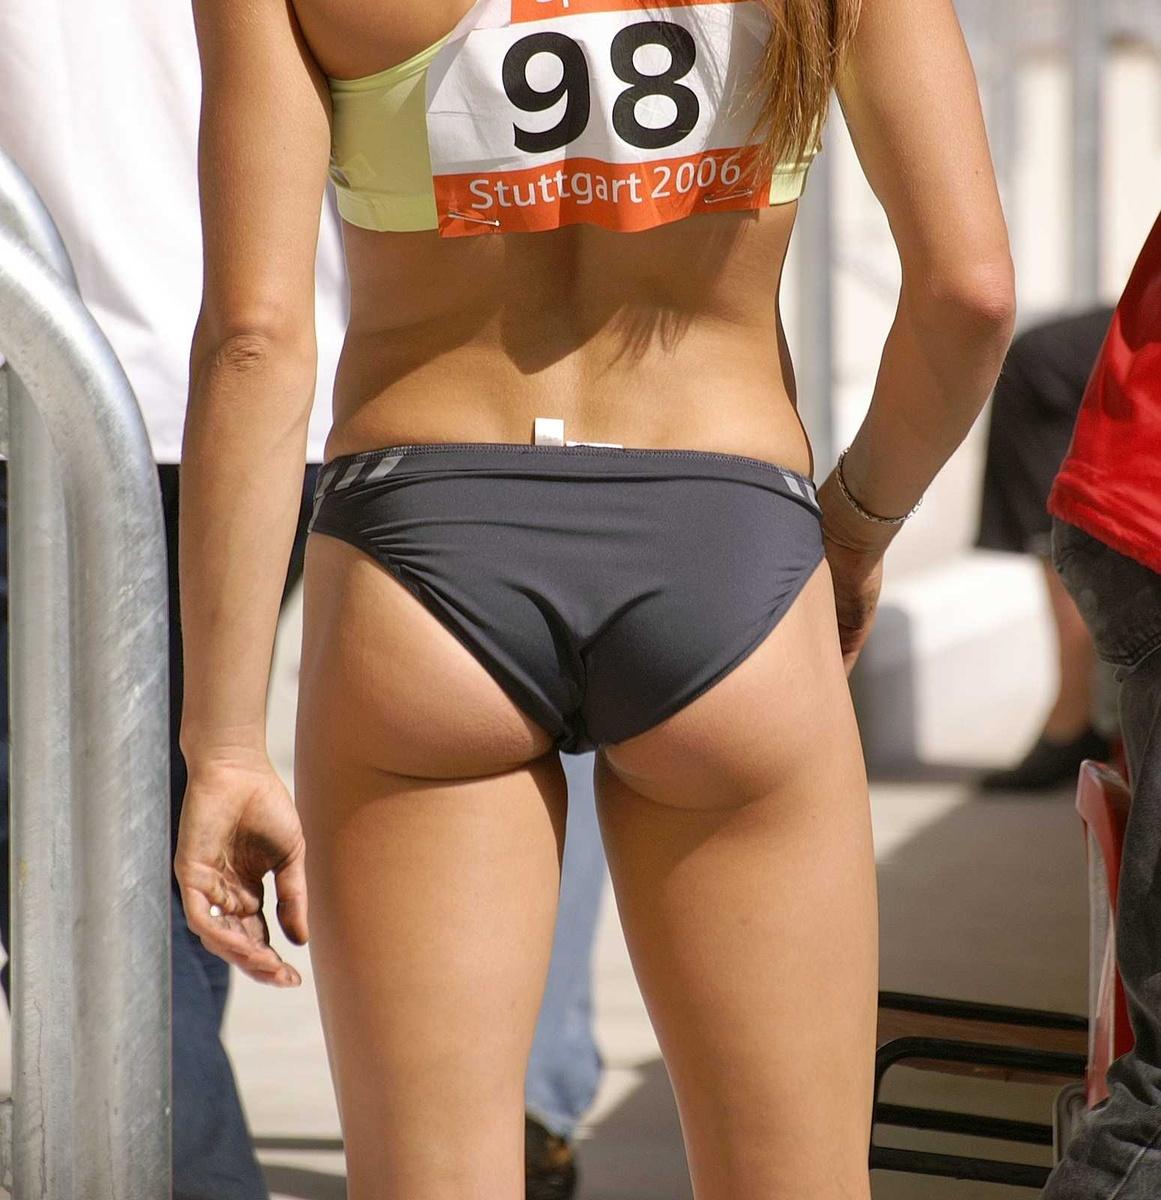 http://1.bp.blogspot.com/-pGUCiWSGtTM/TdDvWbxh92I/AAAAAAAAAIU/2Pnpb5O0Izg/s1600/yelena_isinbayeva3.jpg